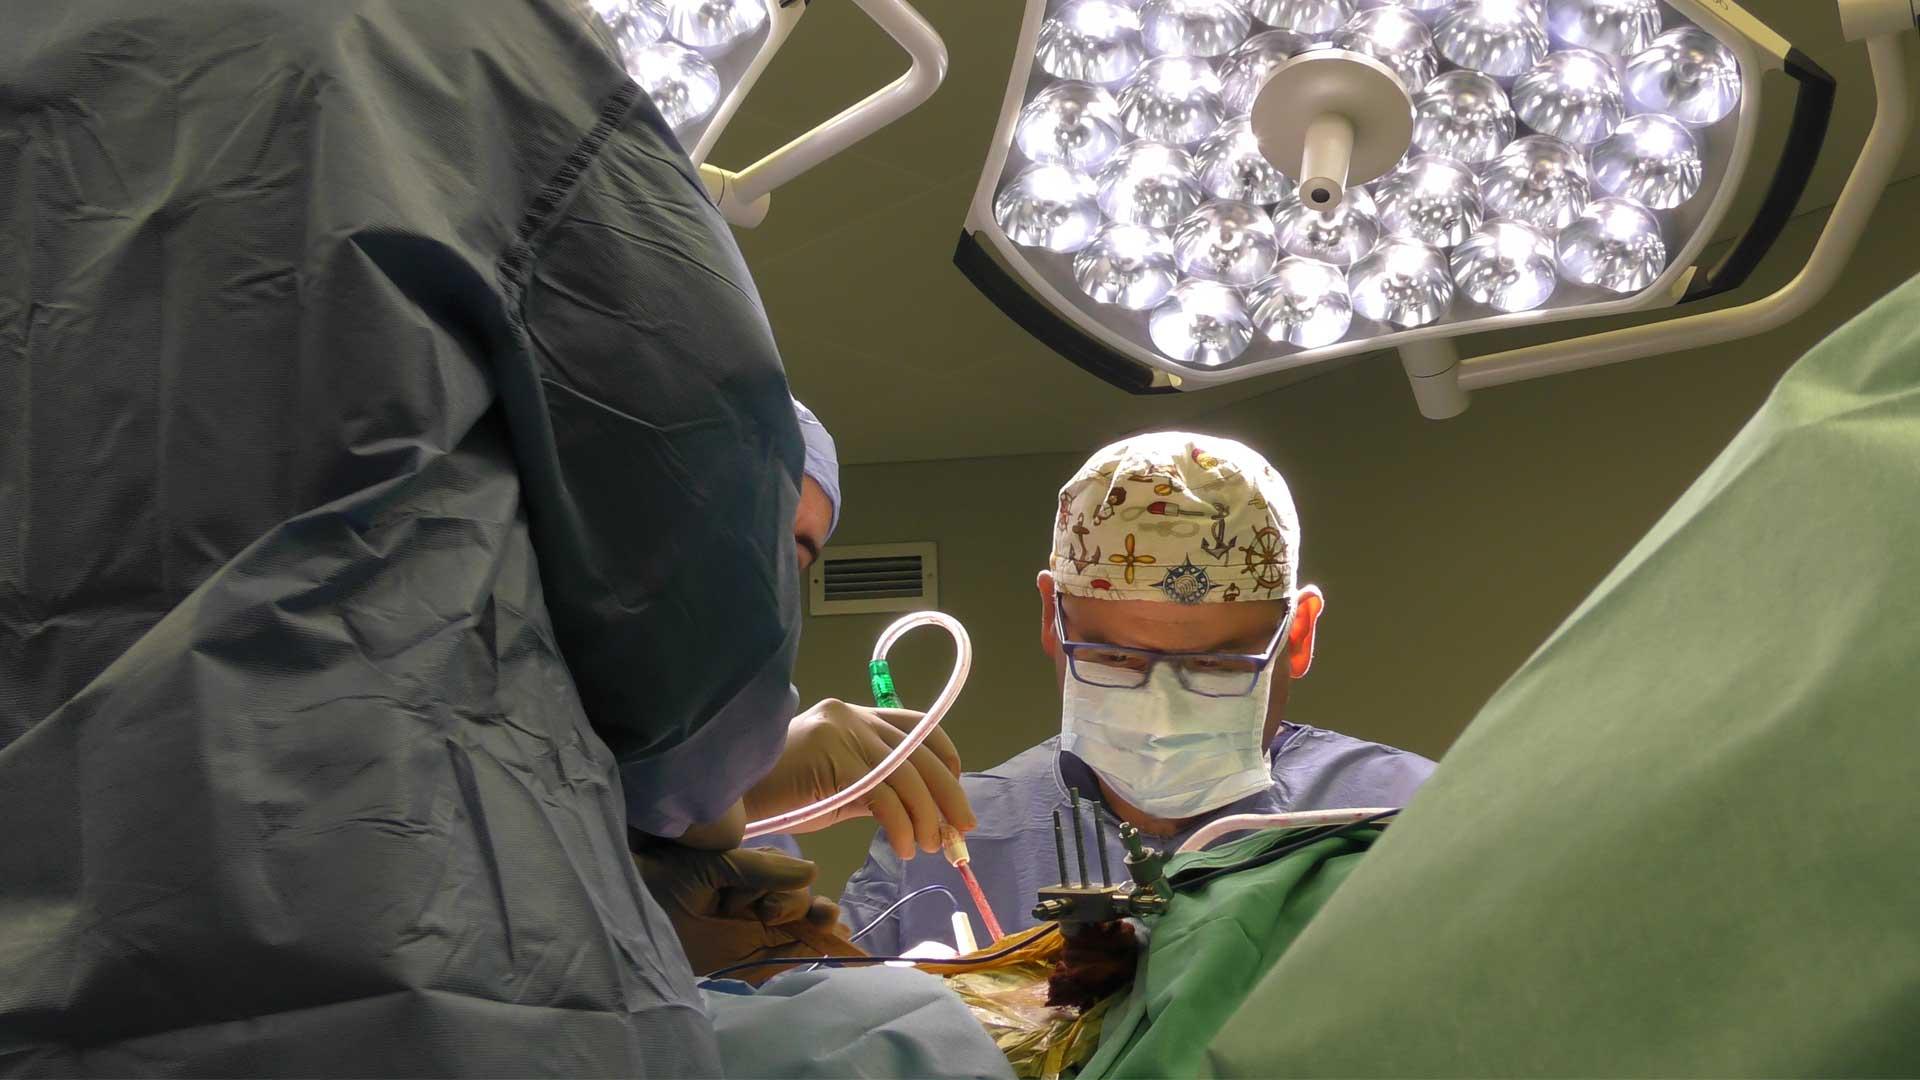 Ροϊδης Ορθοπαιδικός Χειρουργός